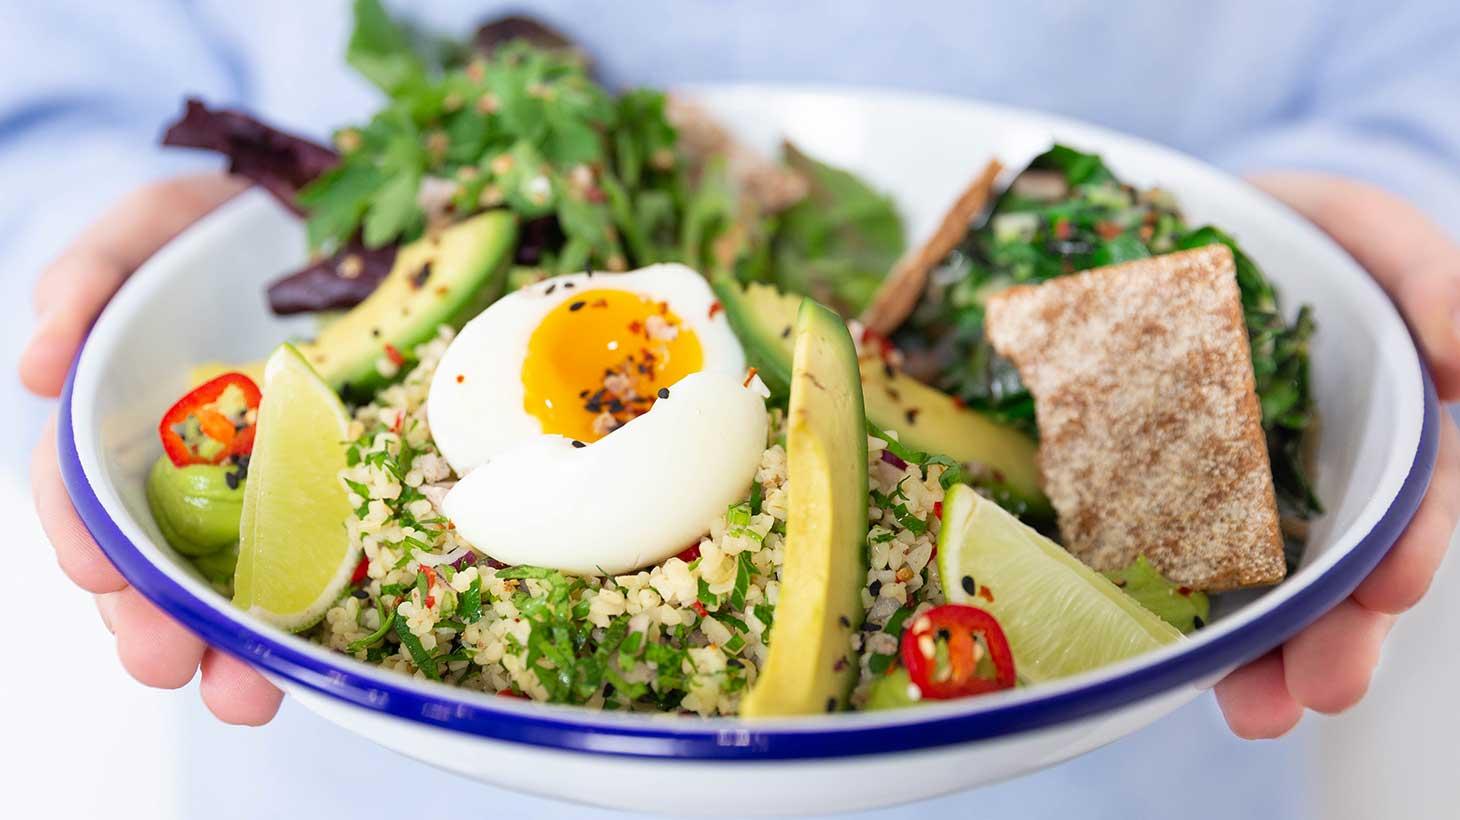 Gesunde Ernährung - mit 10 Tipps gesund ins neue Jahr